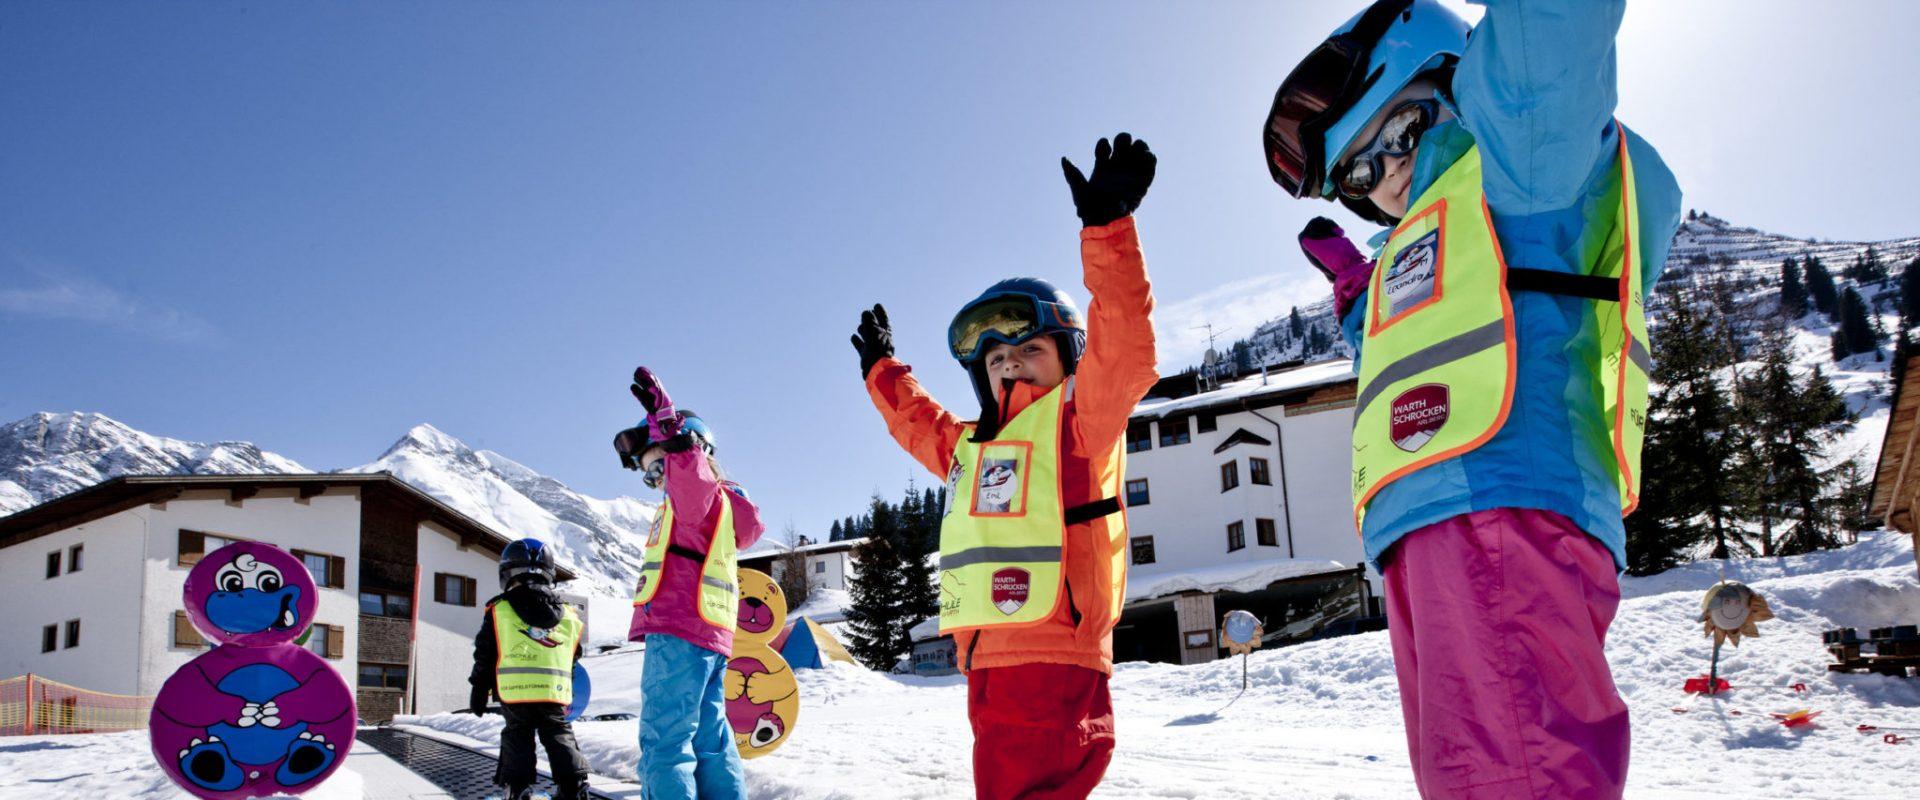 Skifahren Warth-Schroecken_skischule warth (18) © N.N. / Skischule Warth